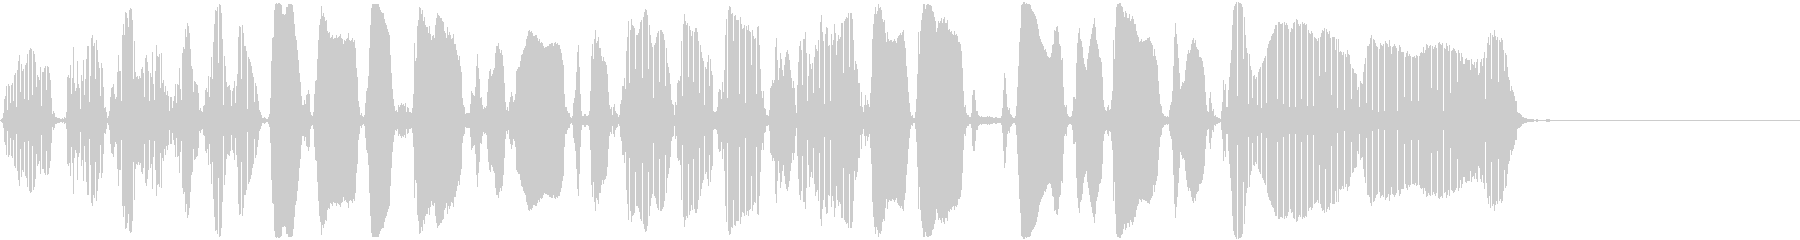 トランペット:ロング、コミカルチャ...の未再生の波形